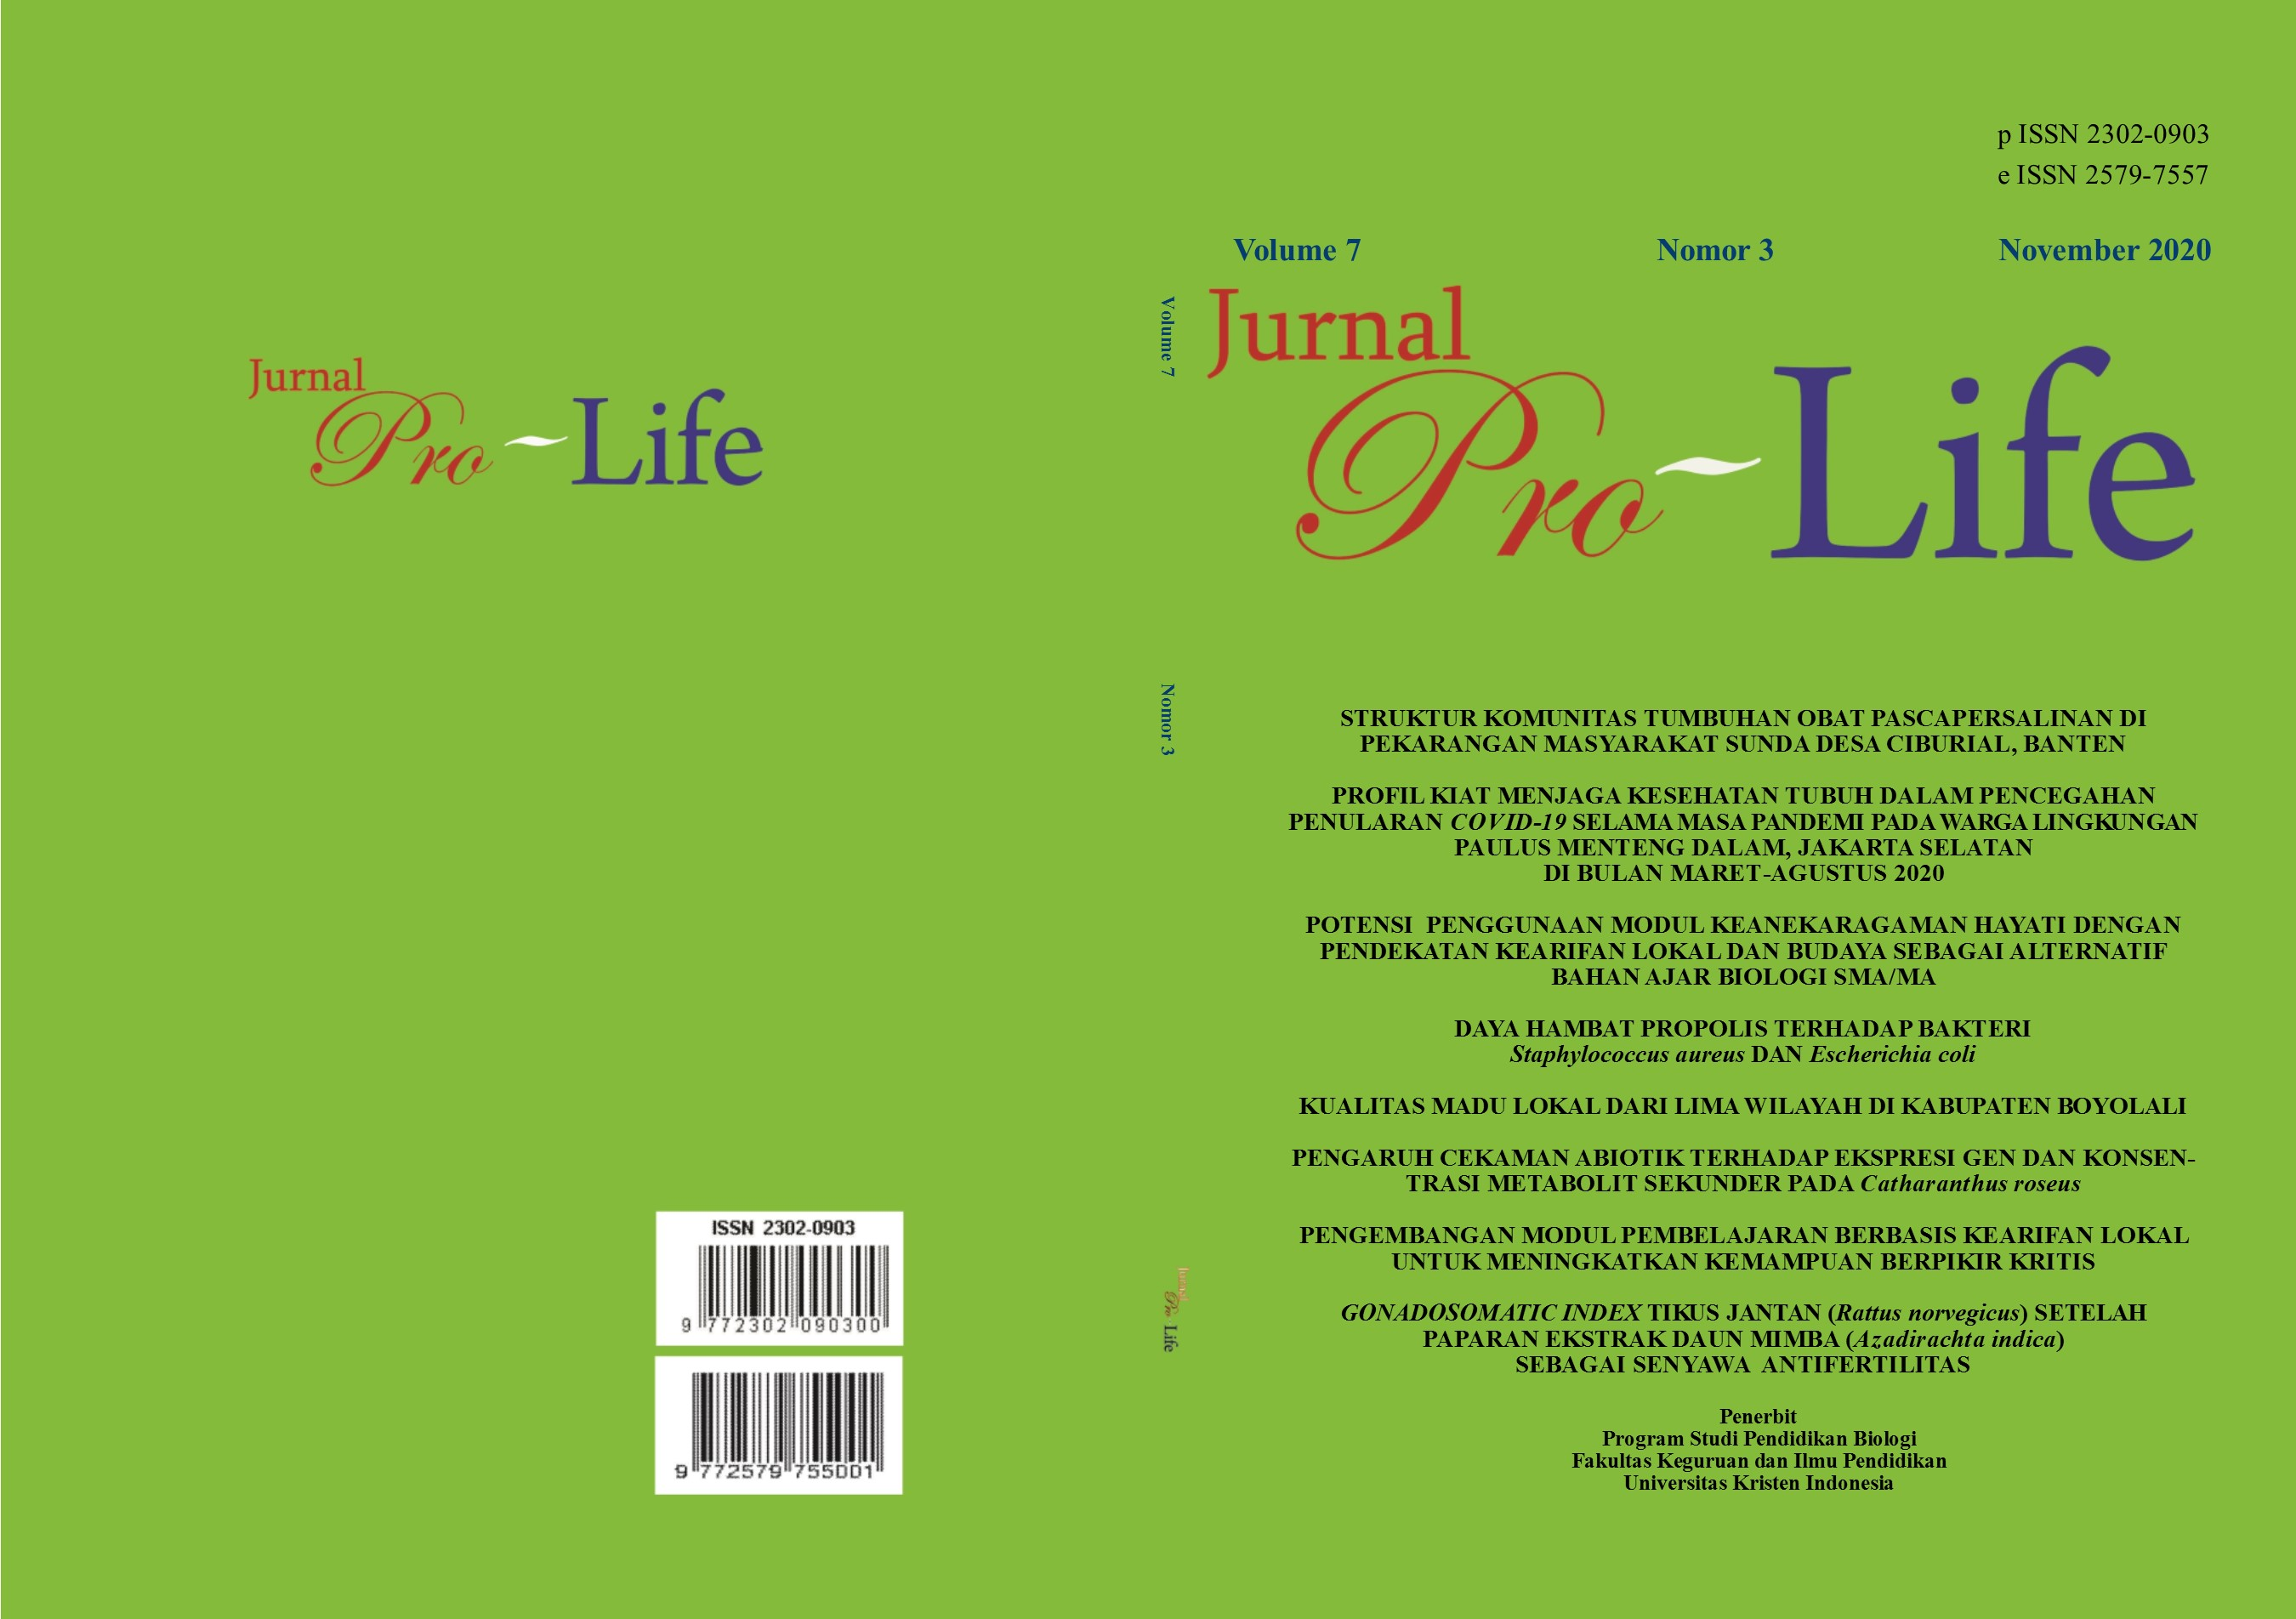 Vol 7 No 3 2020 November Pro Life